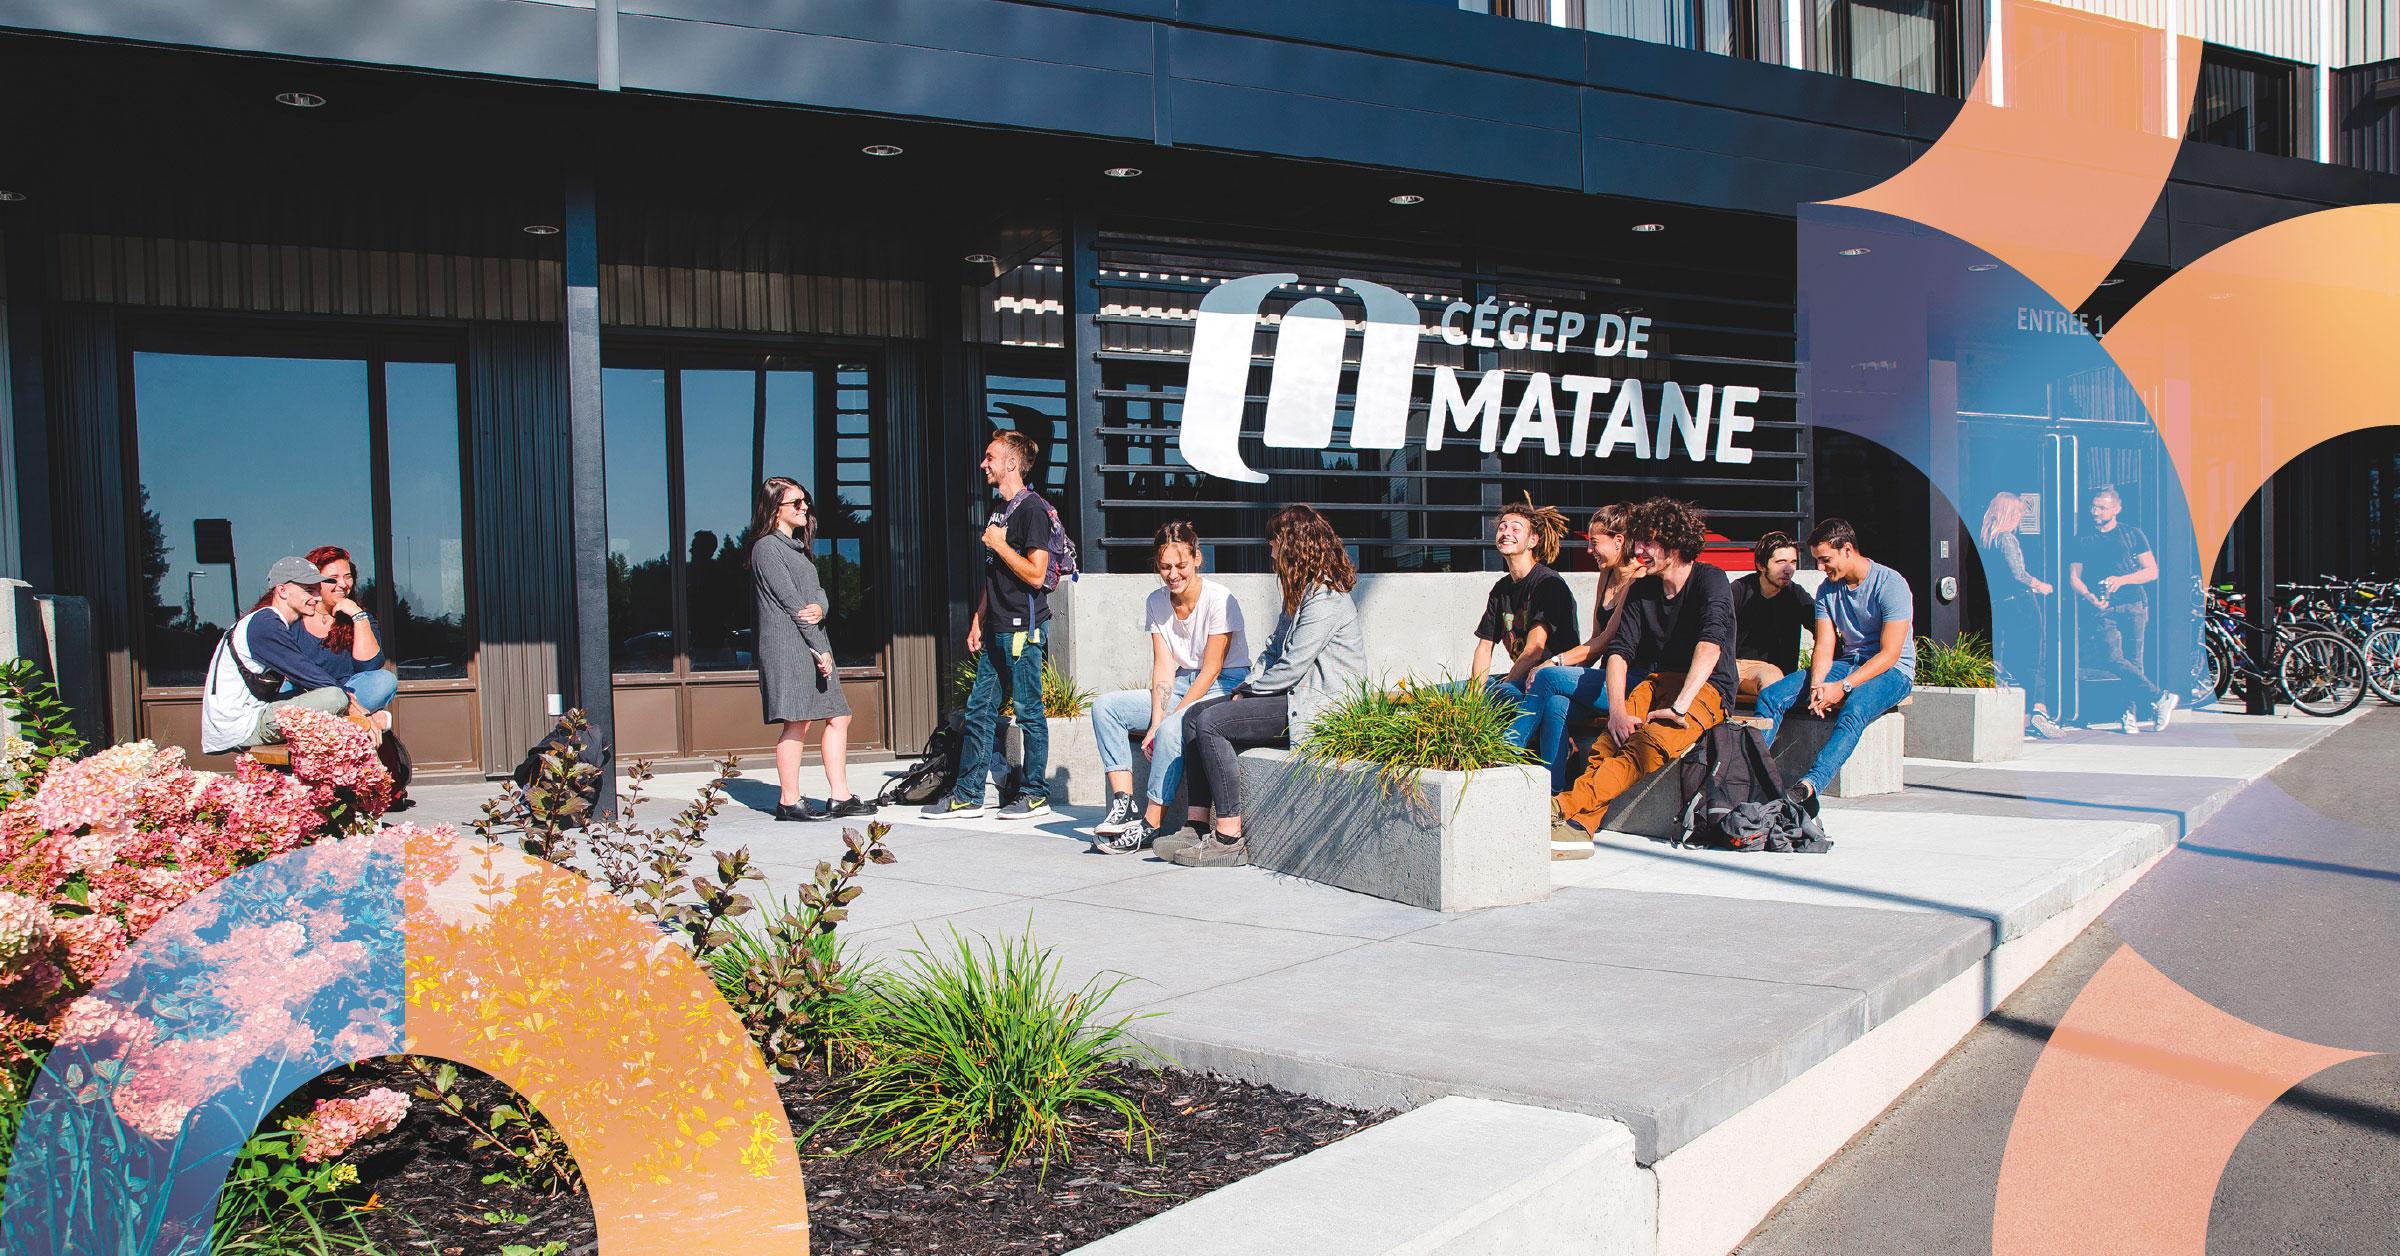 Le Cégep de Matane a versé près de 64 000 $ en aide financière à ses étudiants